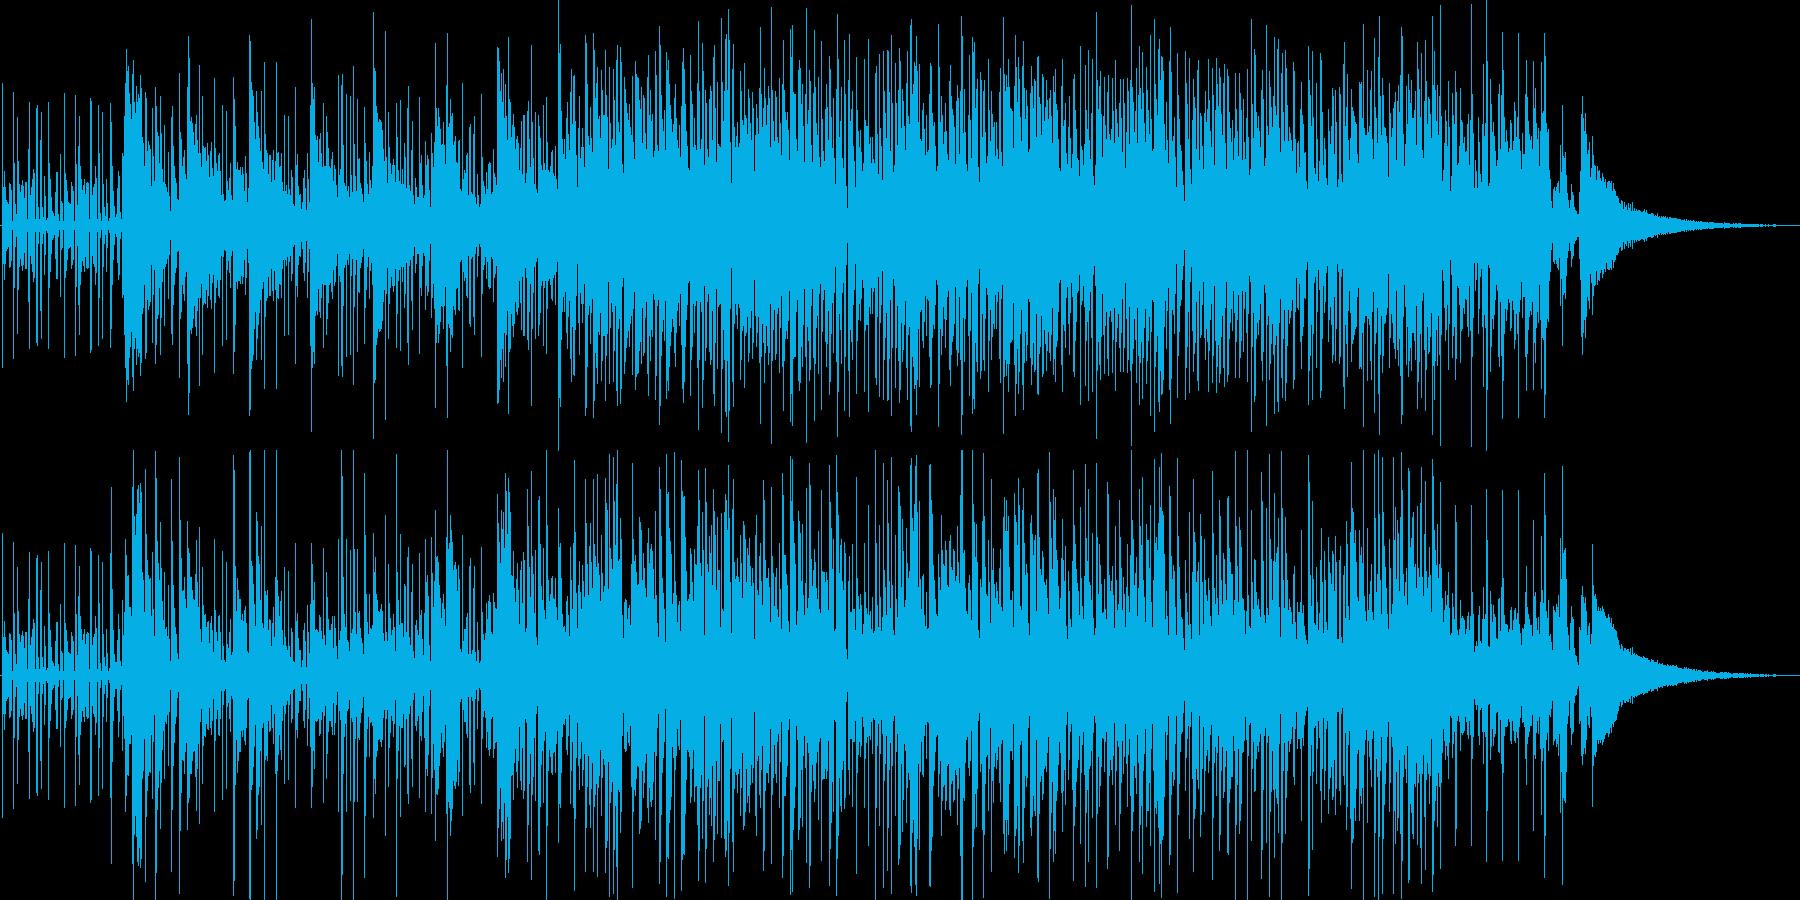 アコギ、ボイパメインの情熱的な雰囲気の再生済みの波形